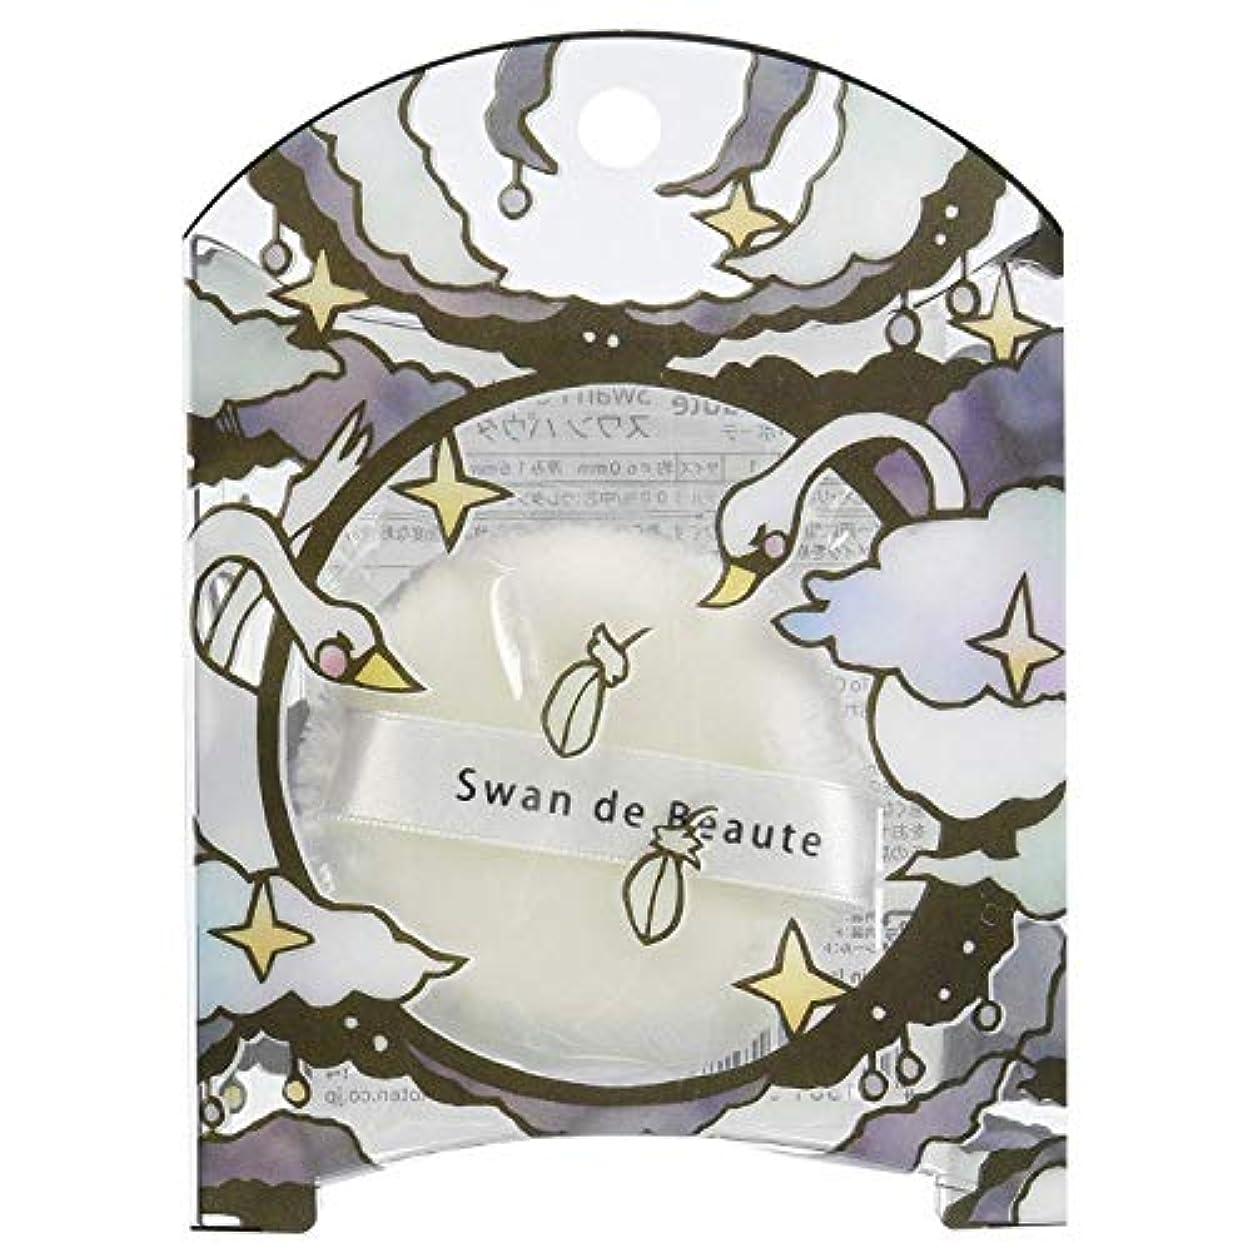 伝えるお祝いリングバックswan de beaute(スワン?ド?ボーテ) スワン パウダーパフ SWAN-02 (1個)